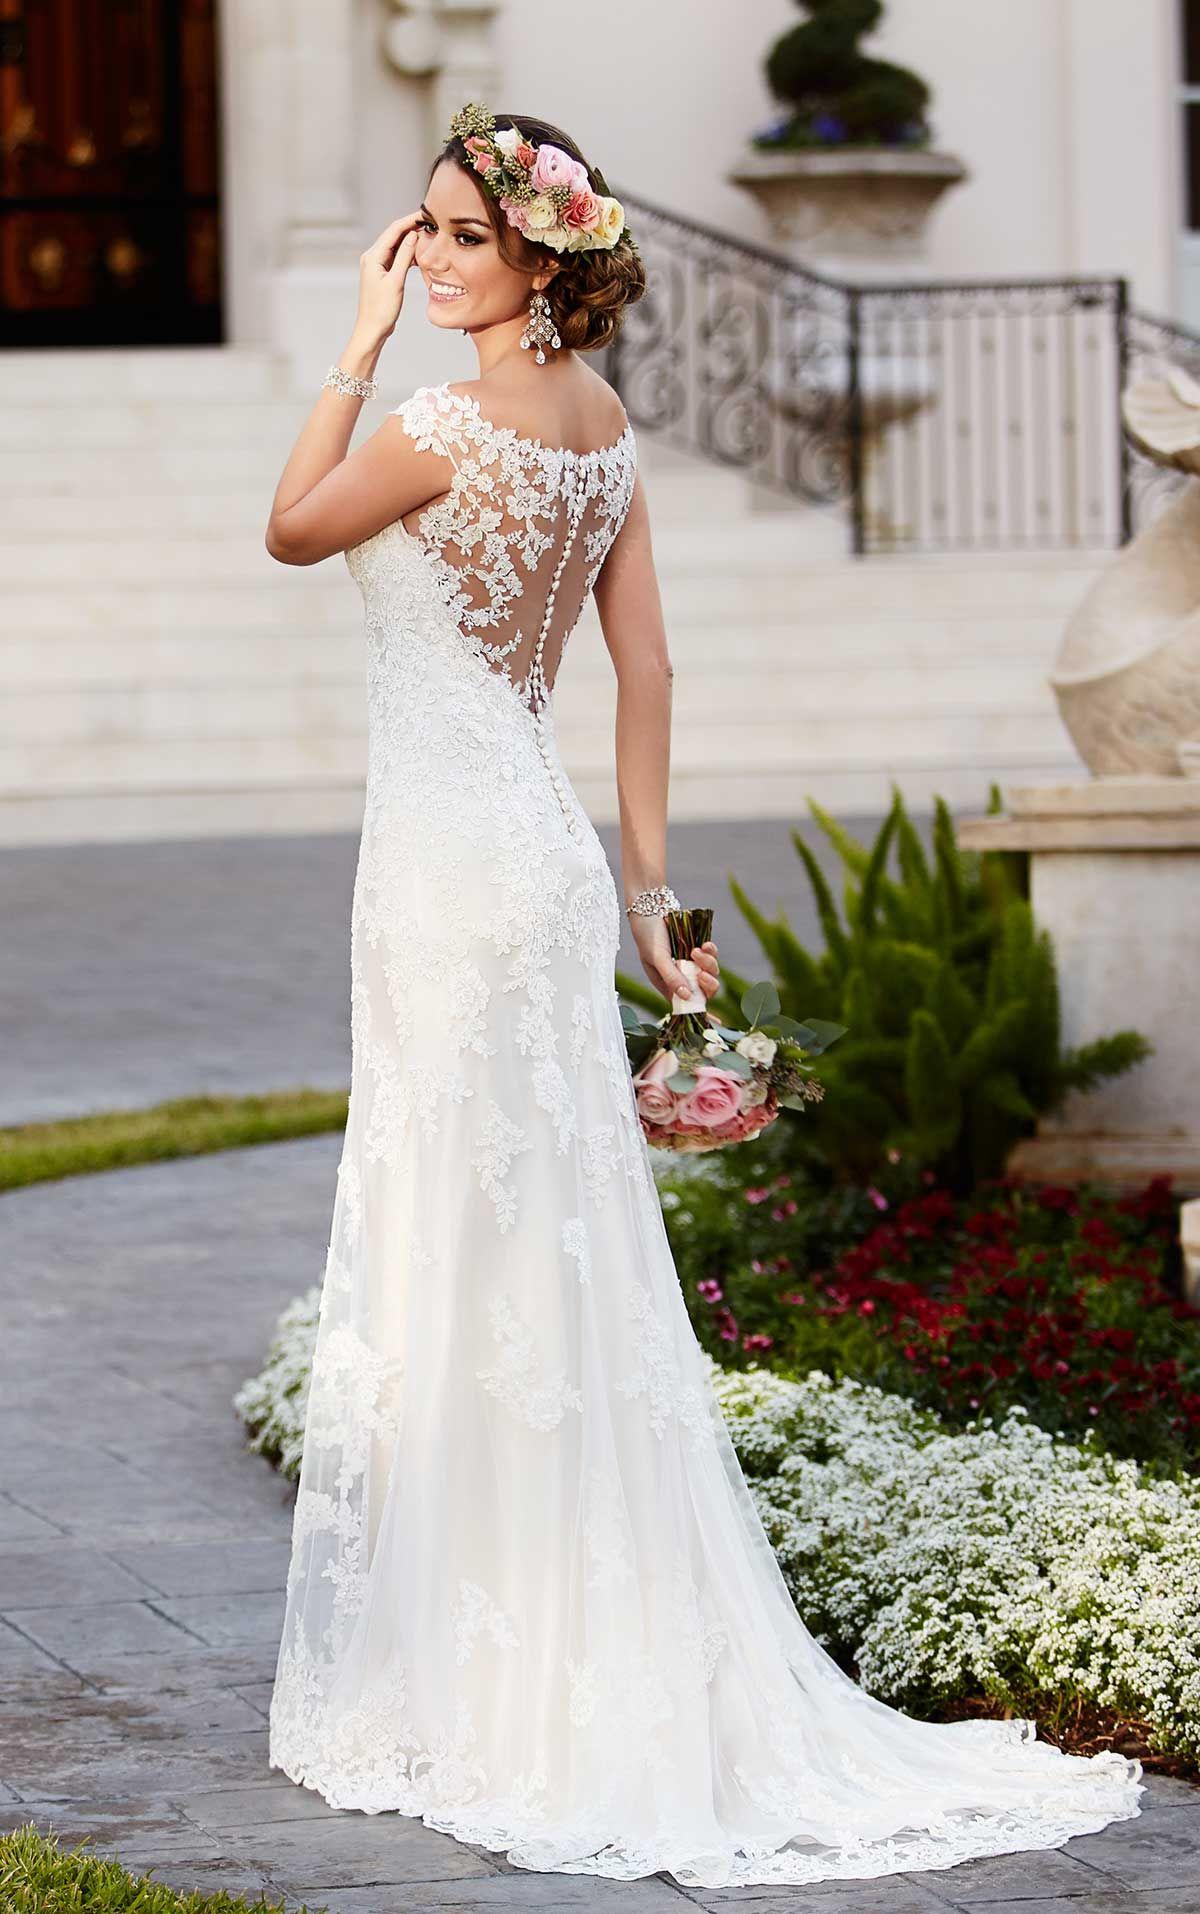 Brautkleid mit Illusion Ausschnitt